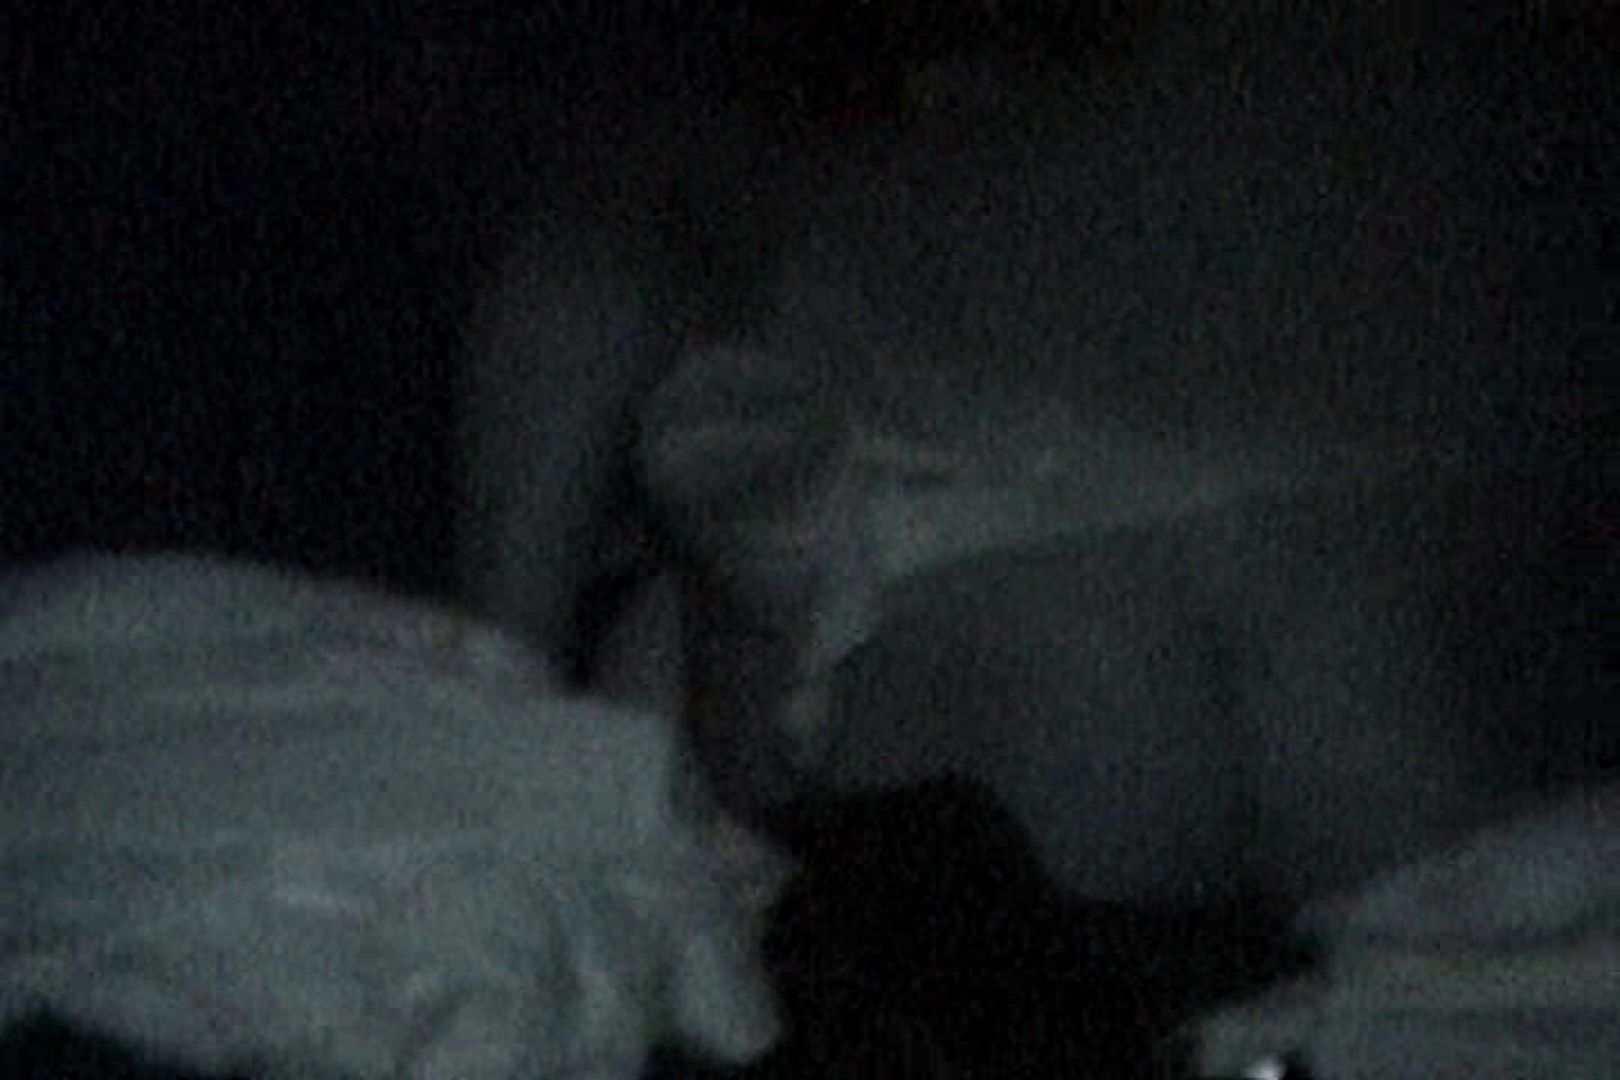 充血監督の深夜の運動会Vol.148 エロティックなOL | 車の中のカップル  88画像 67